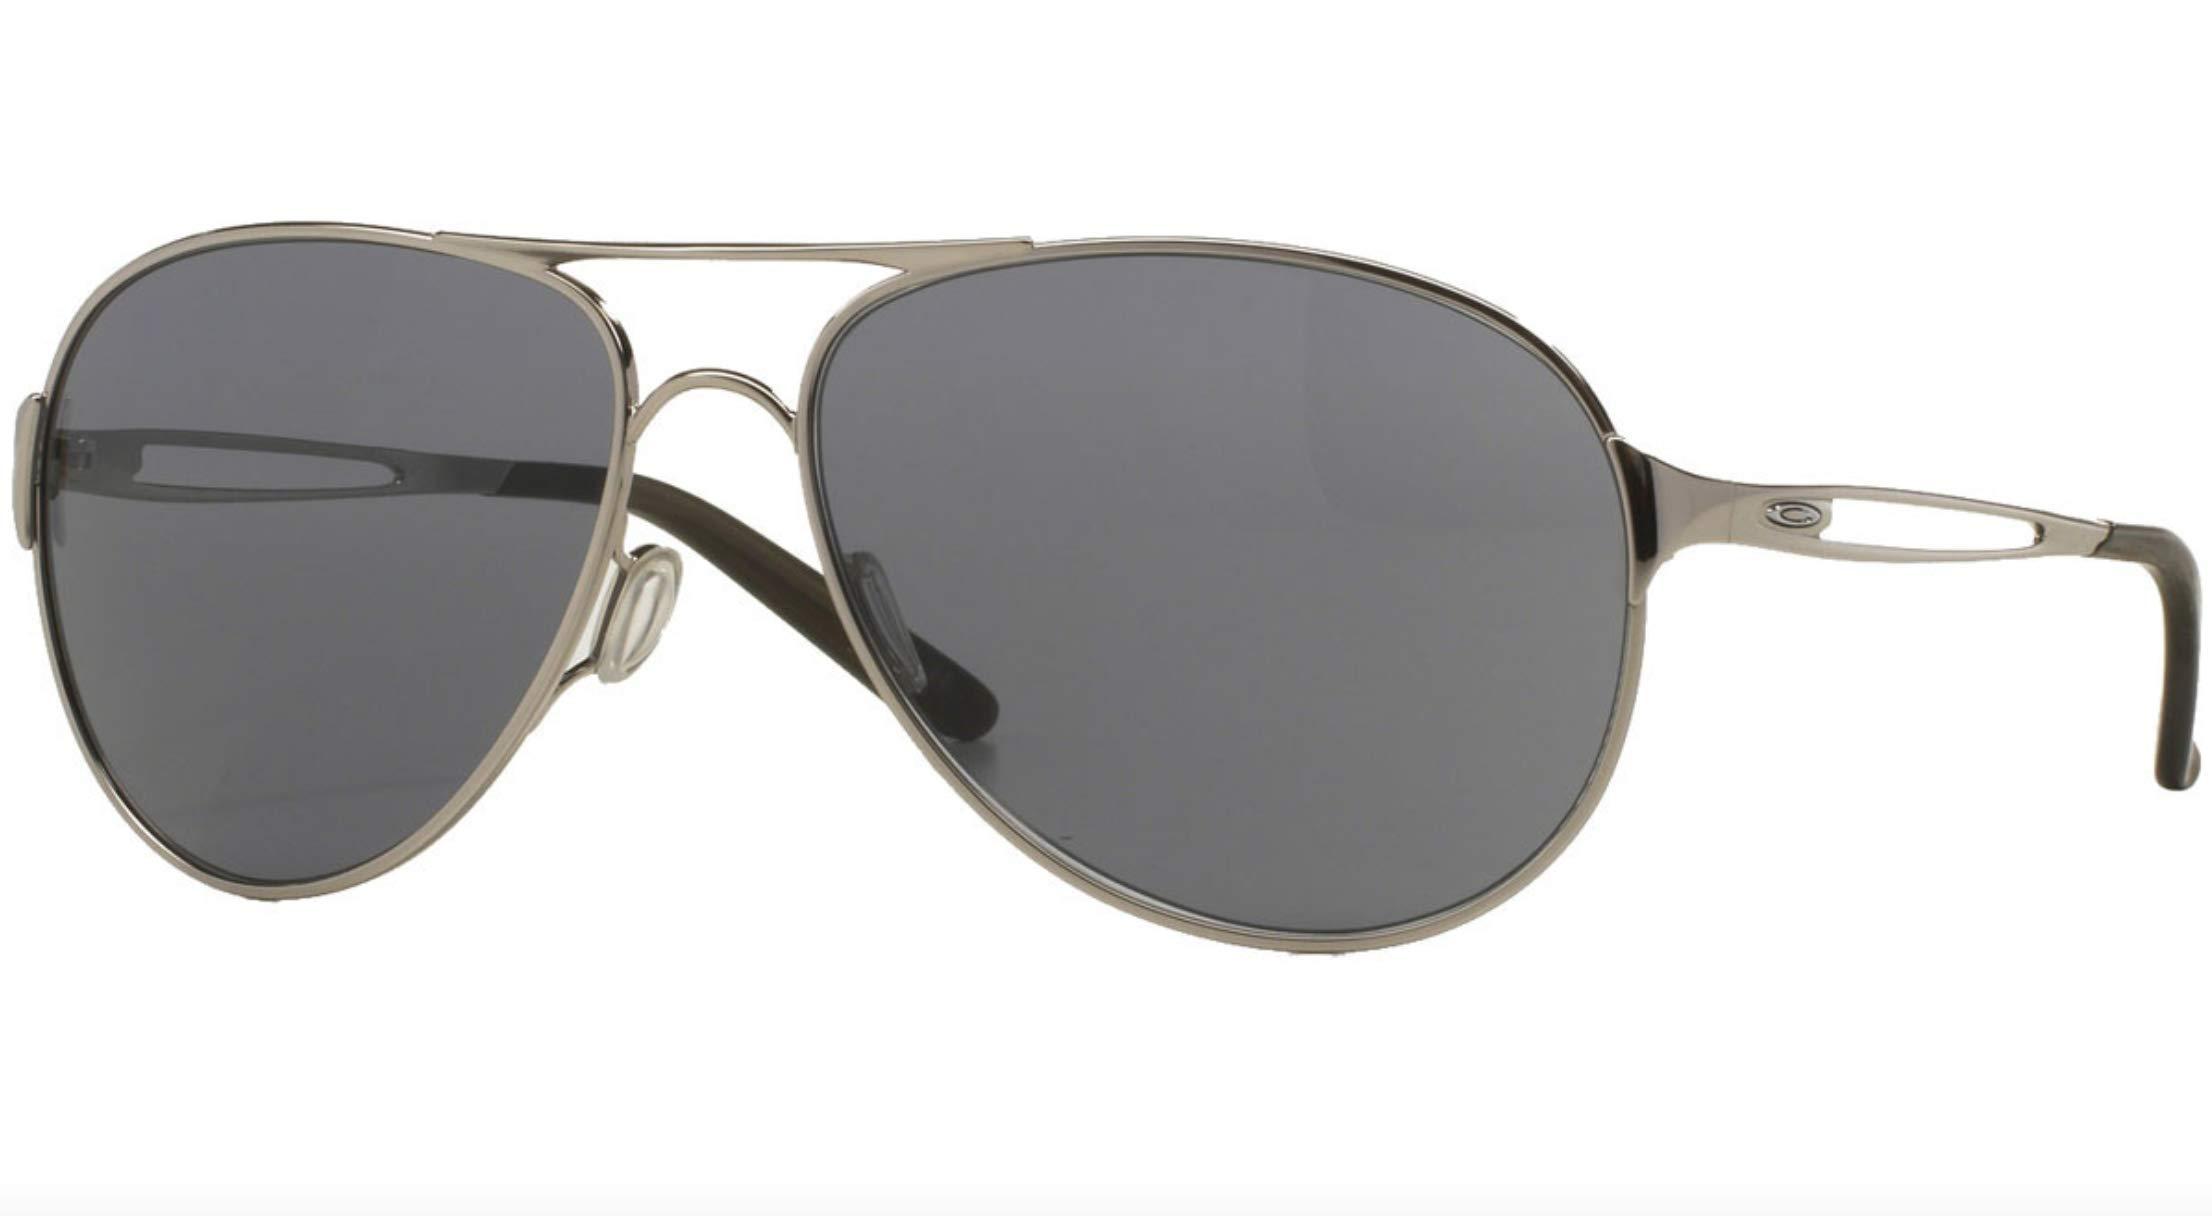 Oakley Women's OO4054 Caveat Aviator Metal Sunglasses, Polished Chrome/Grey, 60 mm by Oakley